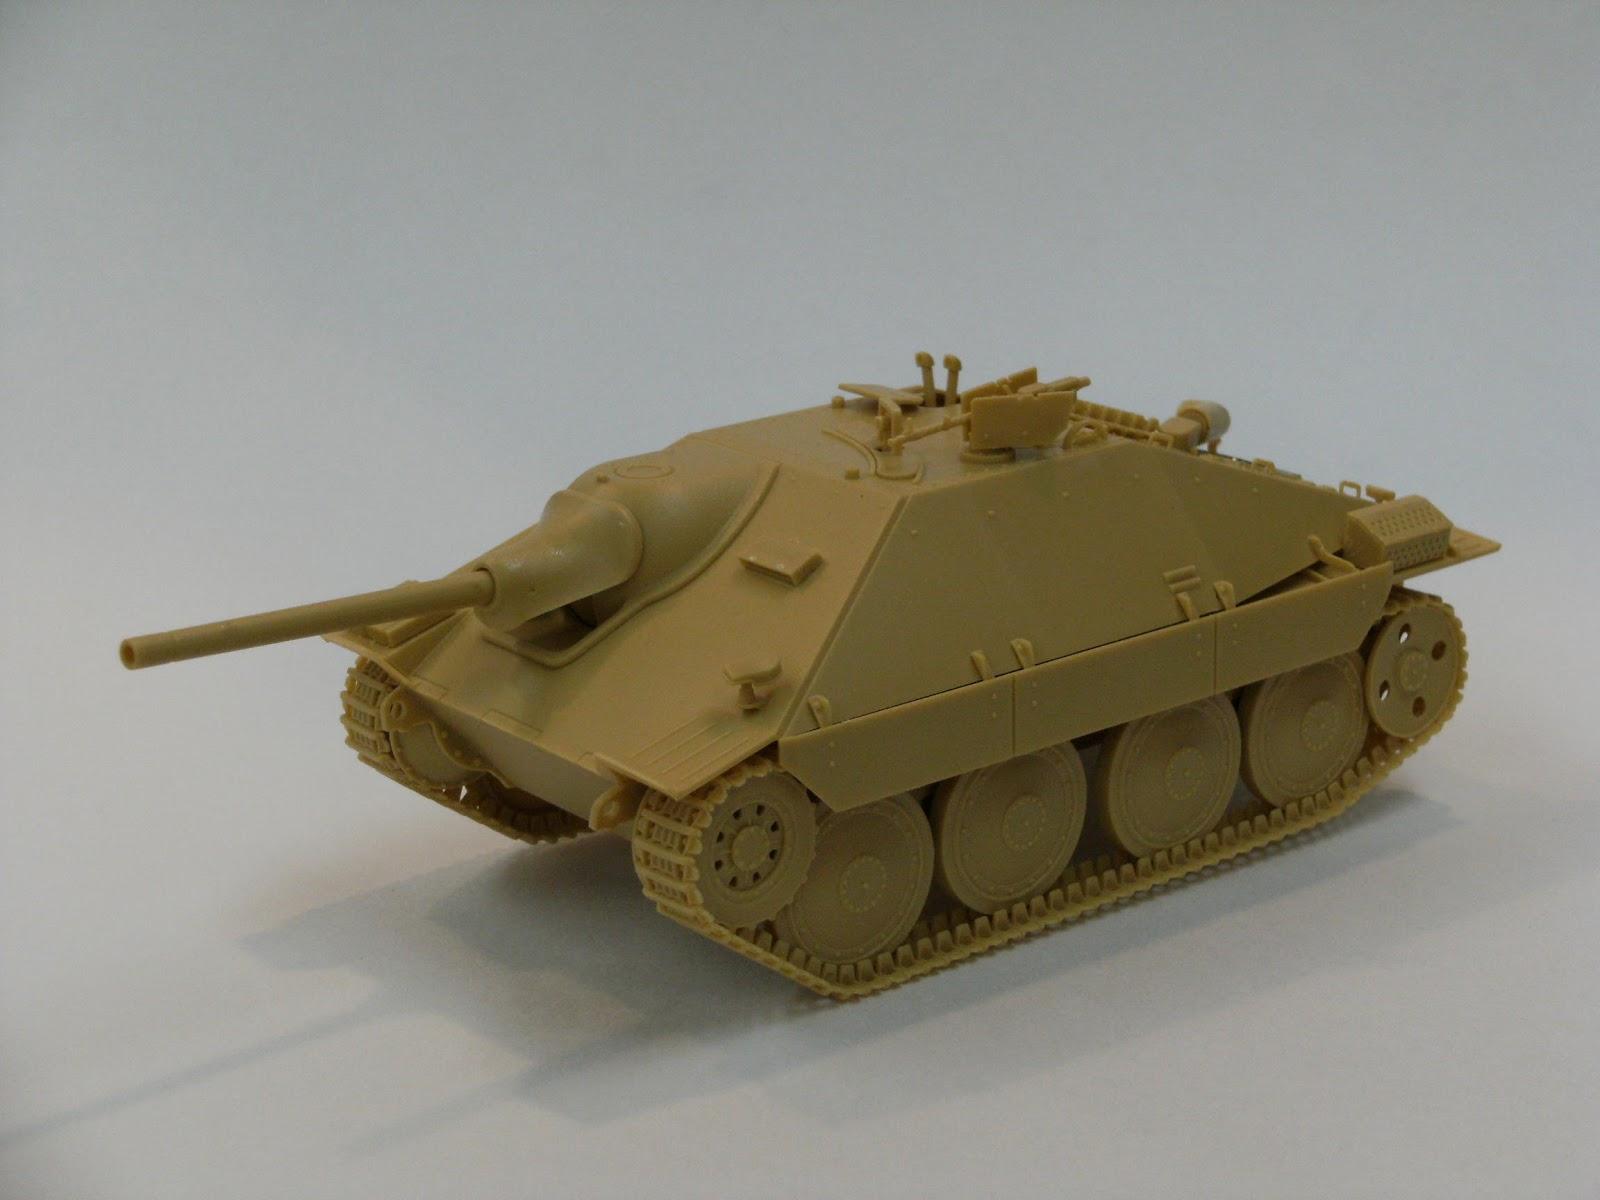 軽駆逐戦車ヘッツァーの画像 p1_17